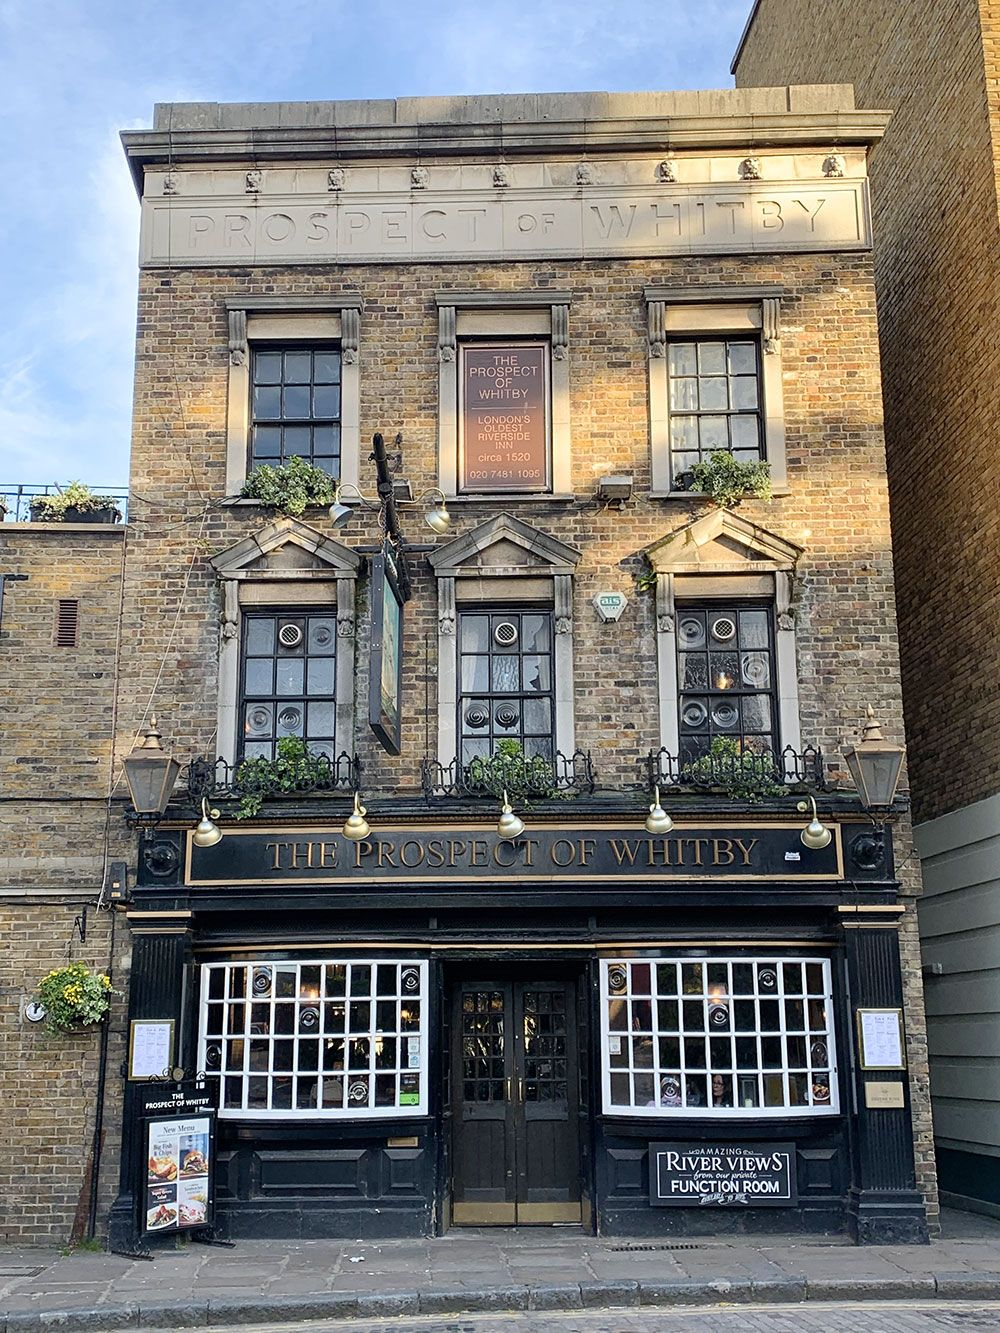 Los pubs más antiguos de Londres - Fachada del pub The Prospect of Whitby